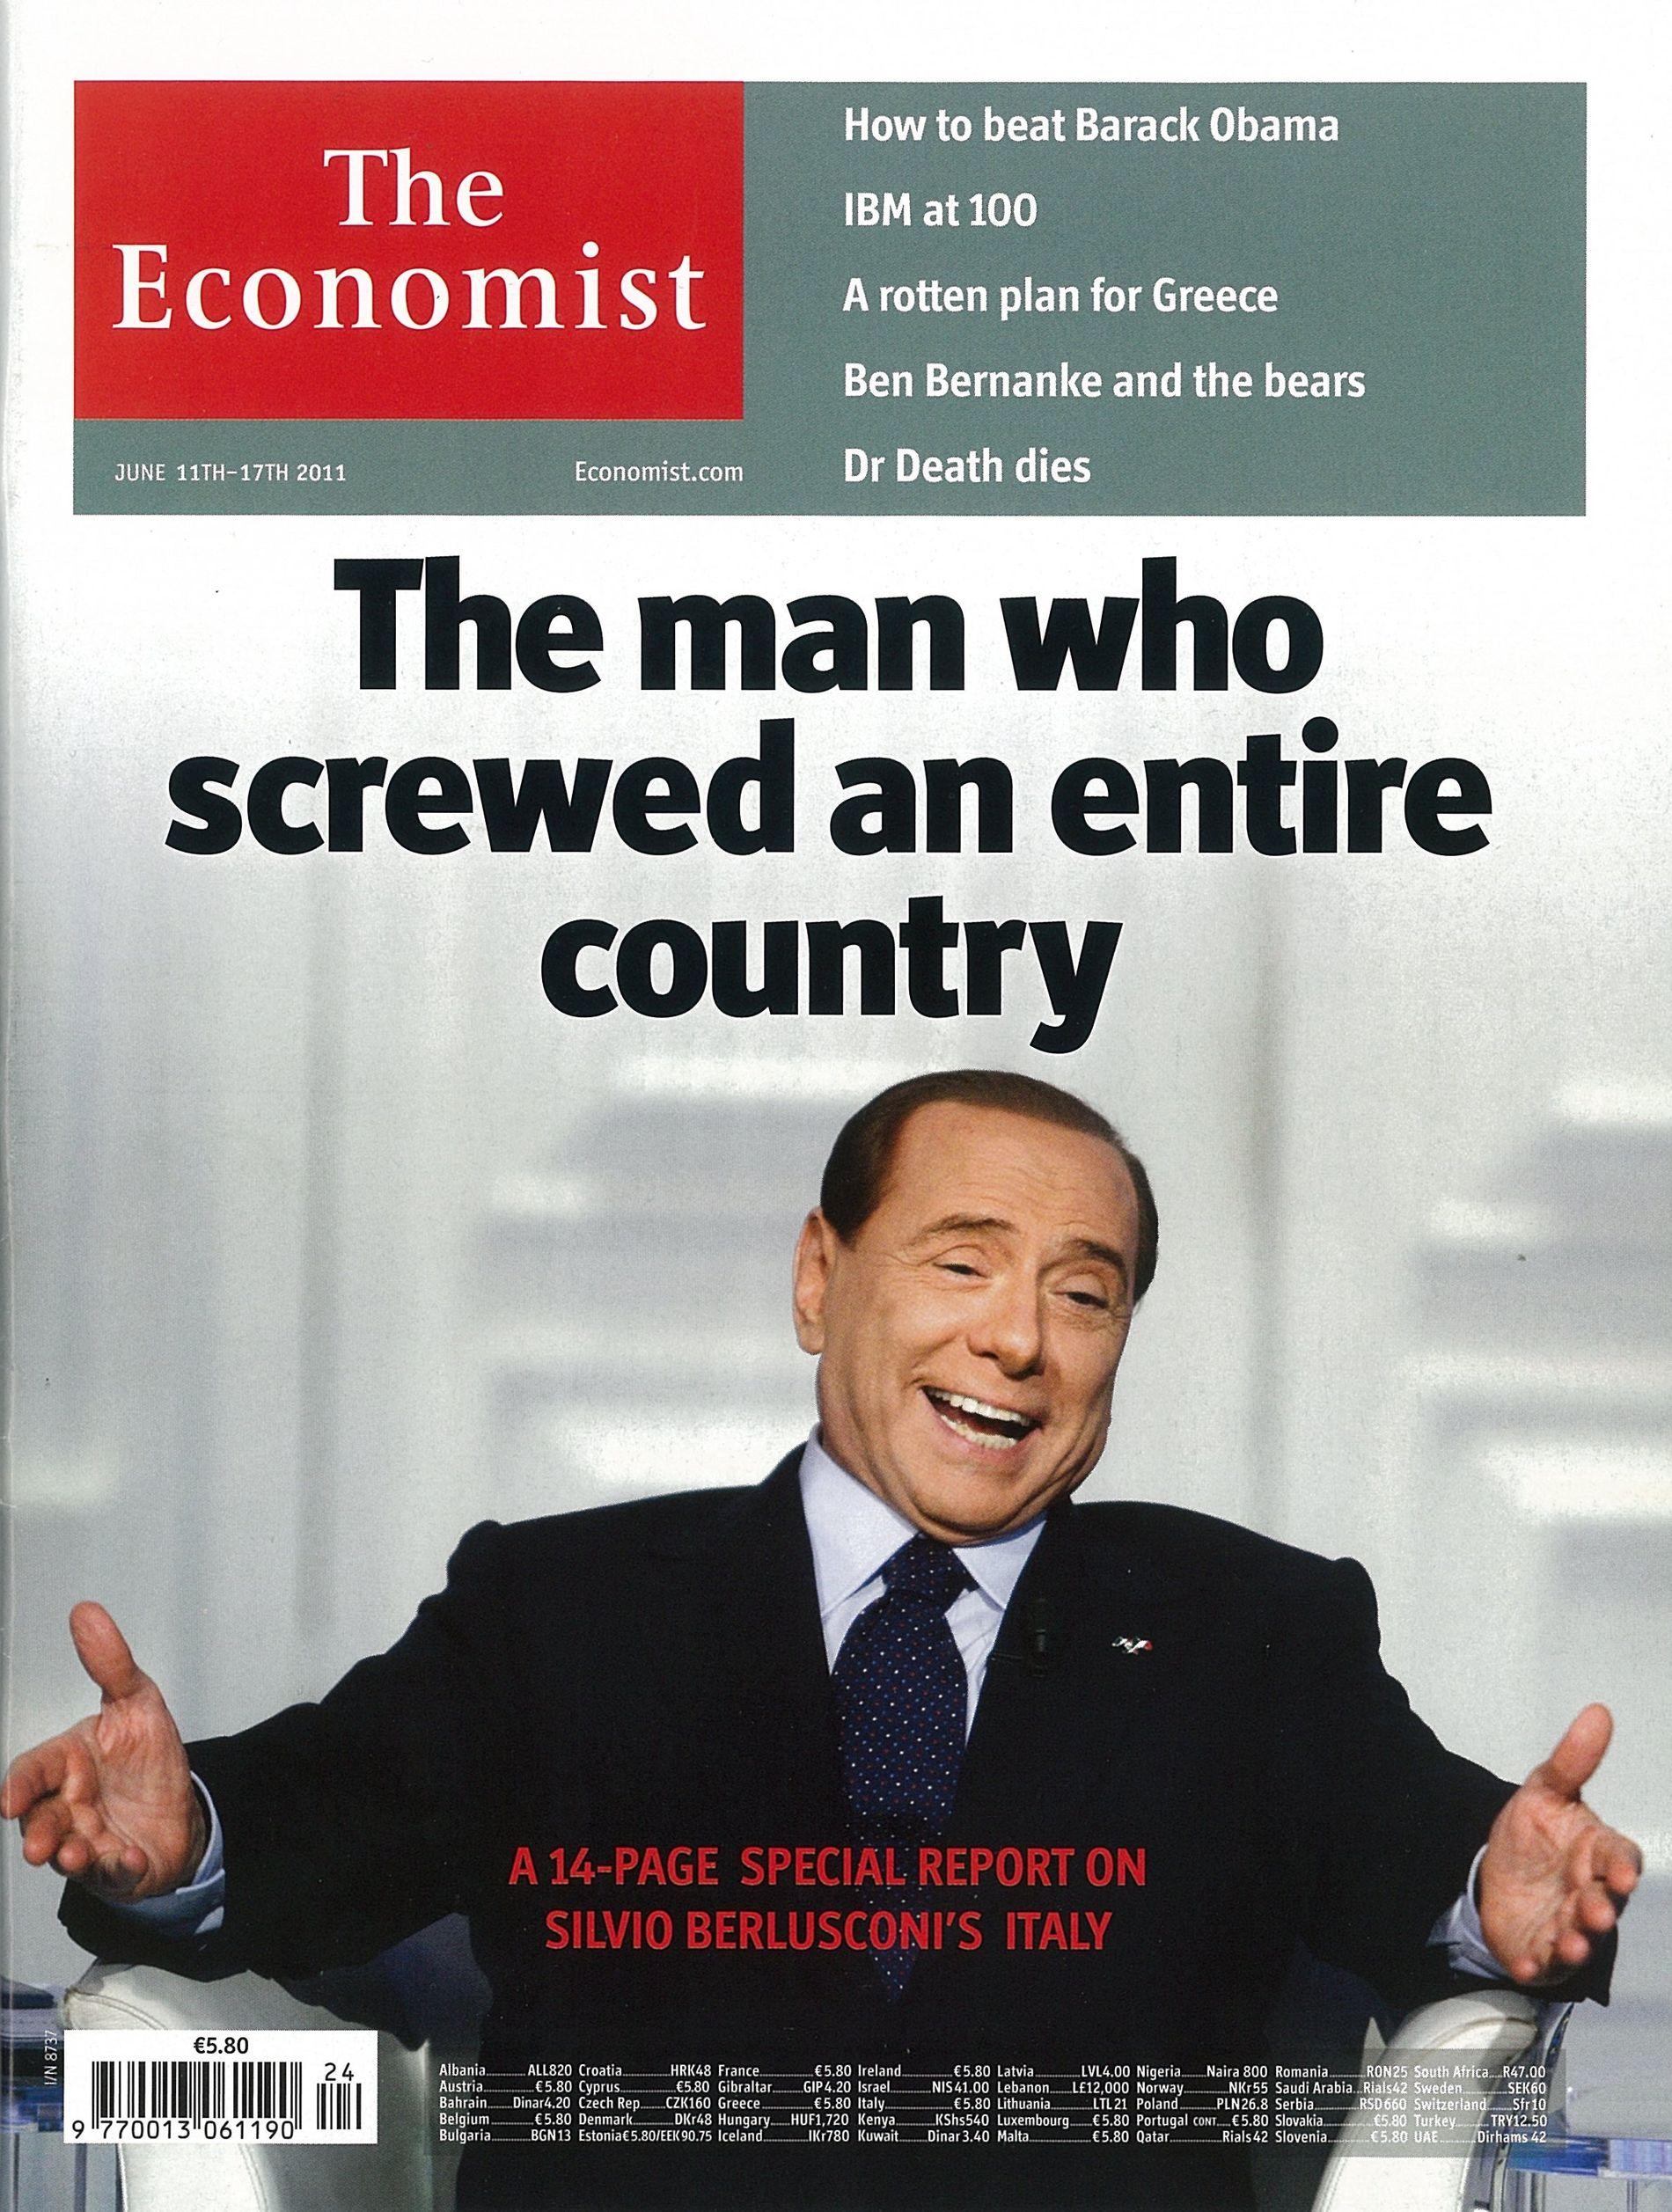 KLAR TALE: Faksimile av det liberalistiske nyhetsmagasinet The Economist 11. juni 2011, et halvt år før Berlusconi ble tvunget til å gå av.